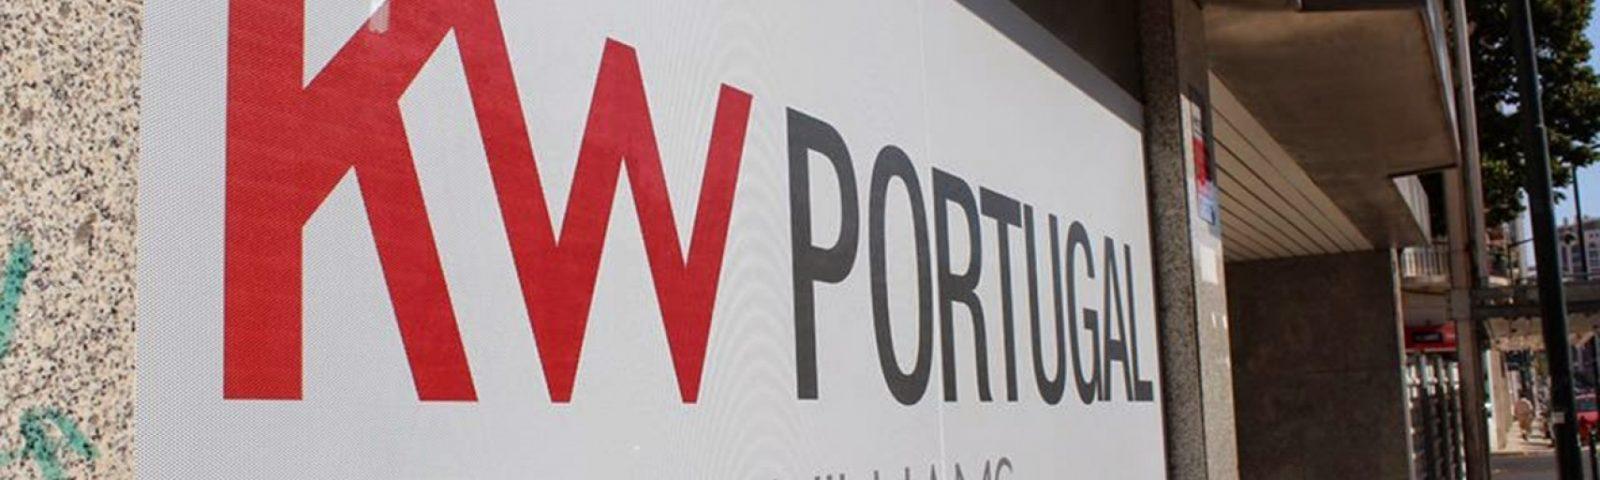 KW Portugal alcança volume de transações de 750 M€